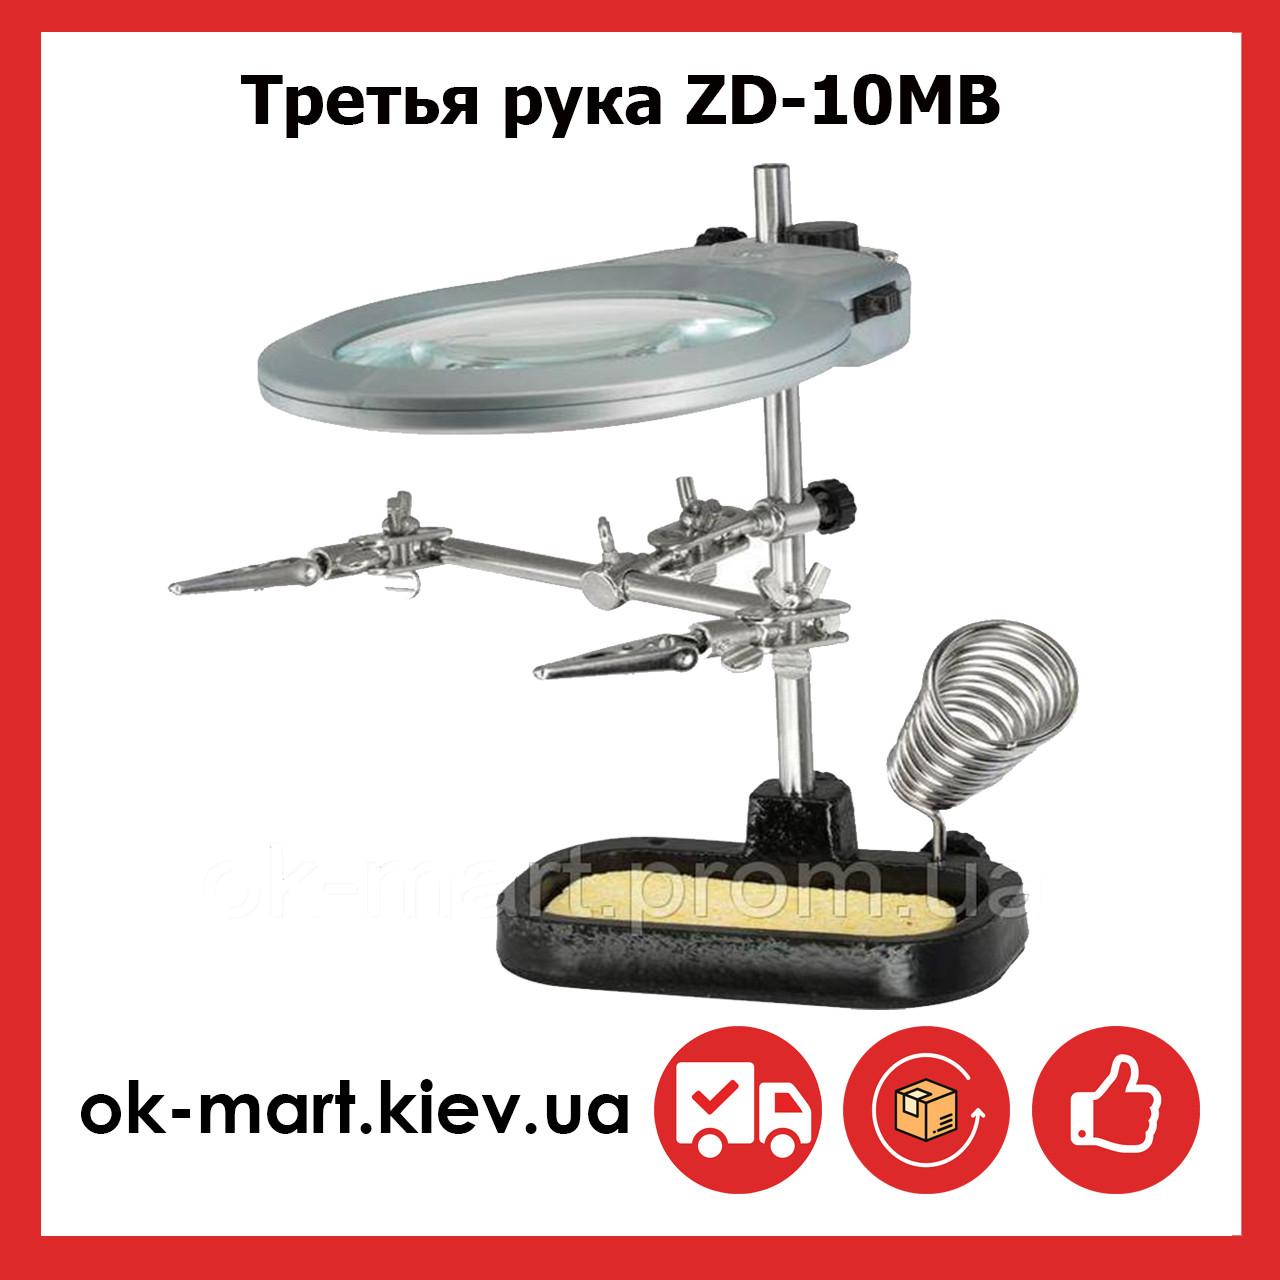 Третья рука 2Х увеличение, LED подсветка, c лупой 85мм